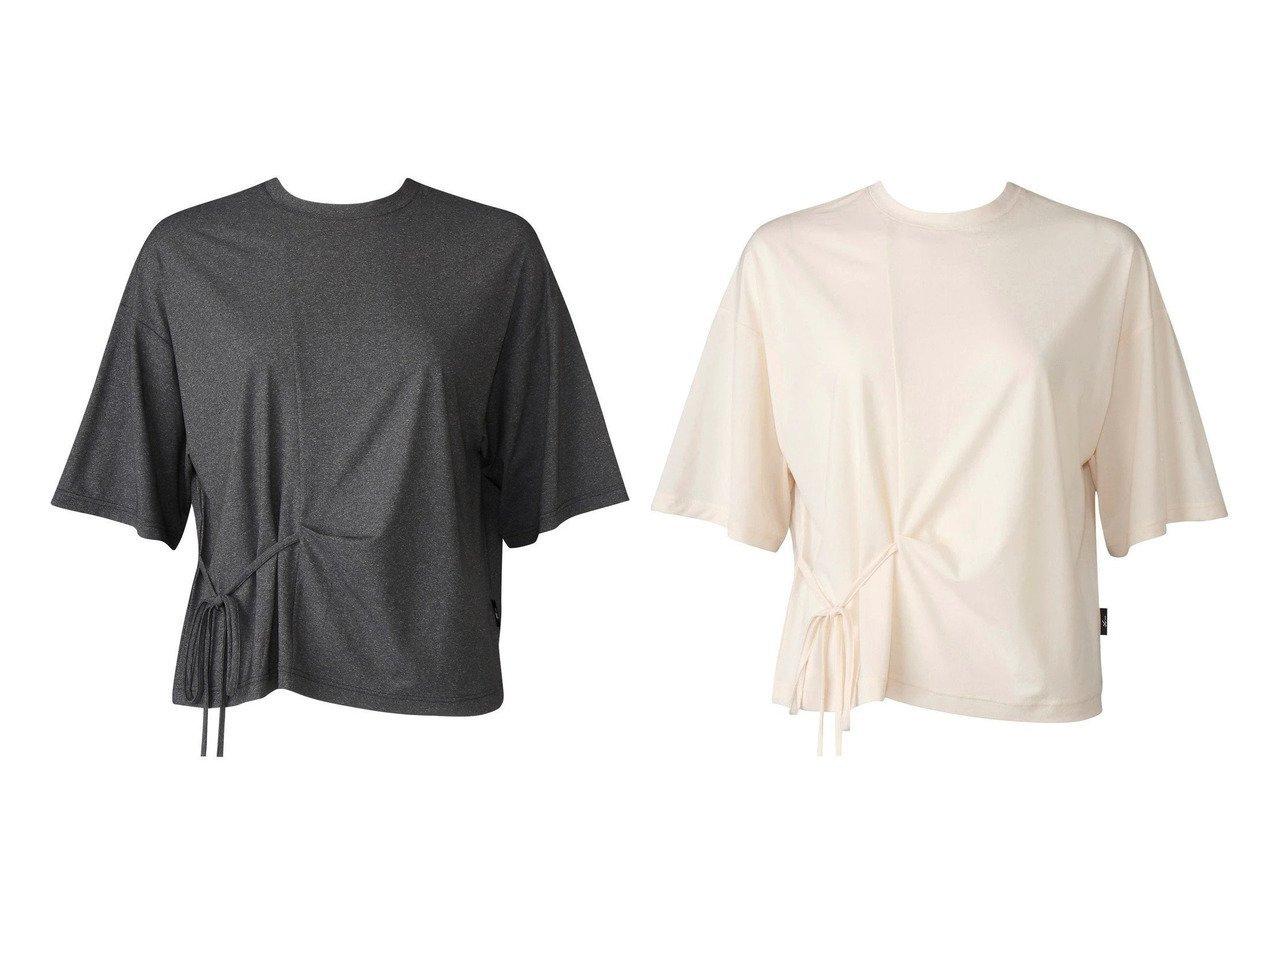 【CW-X/シーダブリューエックス】の【WOMEN】アウター Tシャツ 半袖ワコール DFY571 【スポーツウェア・ヨガ・フィットネス・ダイエット】おすすめ!人気、トレンド・レディースファッションの通販 おすすめで人気の流行・トレンド、ファッションの通販商品 インテリア・家具・メンズファッション・キッズファッション・レディースファッション・服の通販 founy(ファニー) https://founy.com/ ファッション Fashion レディースファッション WOMEN アウター Coat Outerwear トップス・カットソー Tops/Tshirt シャツ/ブラウス Shirts/Blouses ロング / Tシャツ T-Shirts 送料無料 Free Shipping ギャザー ストレッチ 半袖  ID:crp329100000071758